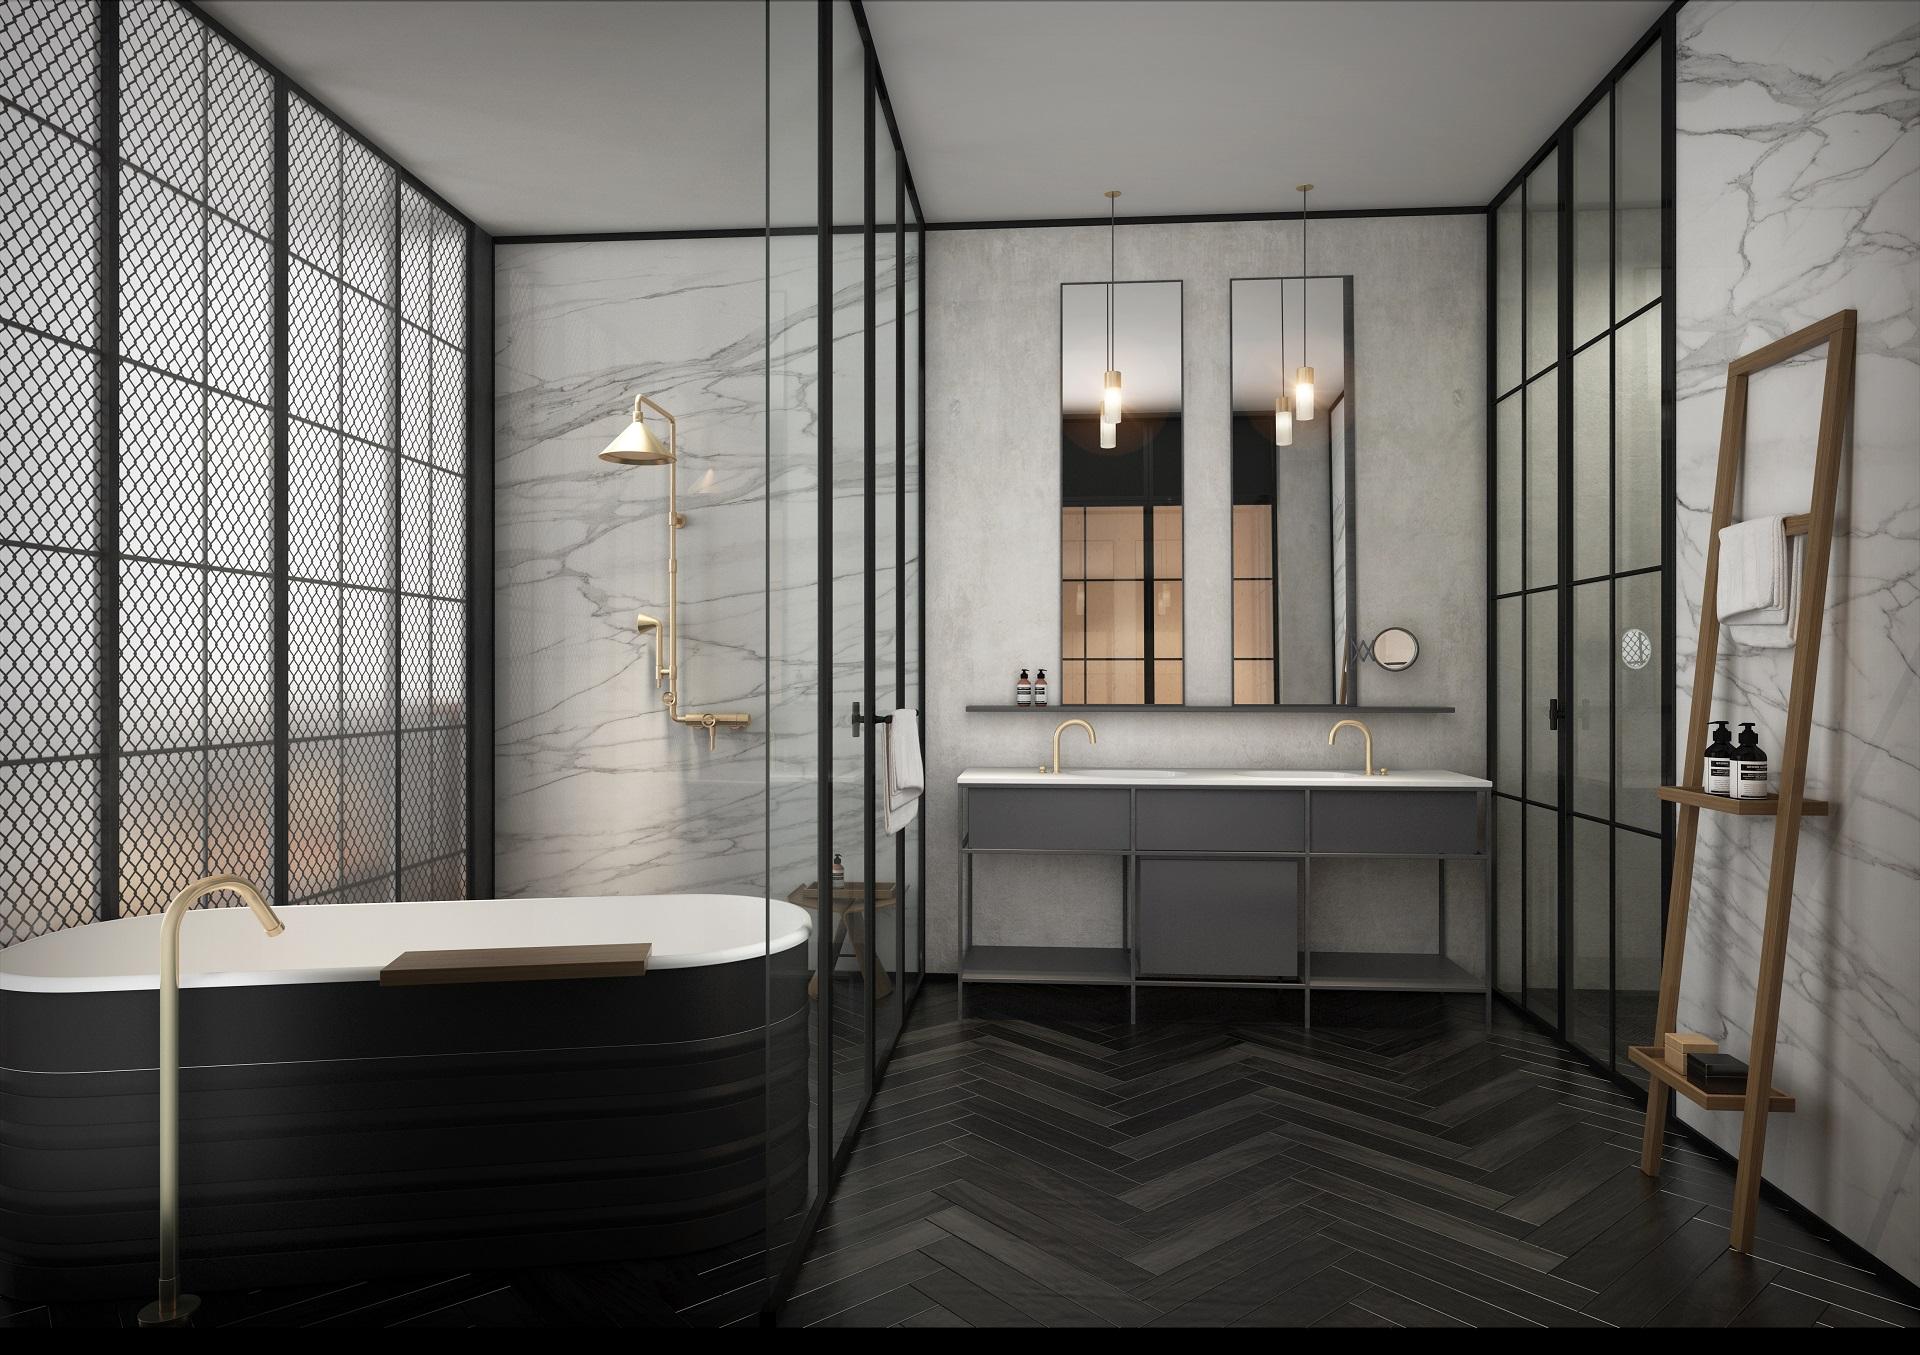 Exec Suite 2 Bedroom - Bathroom View